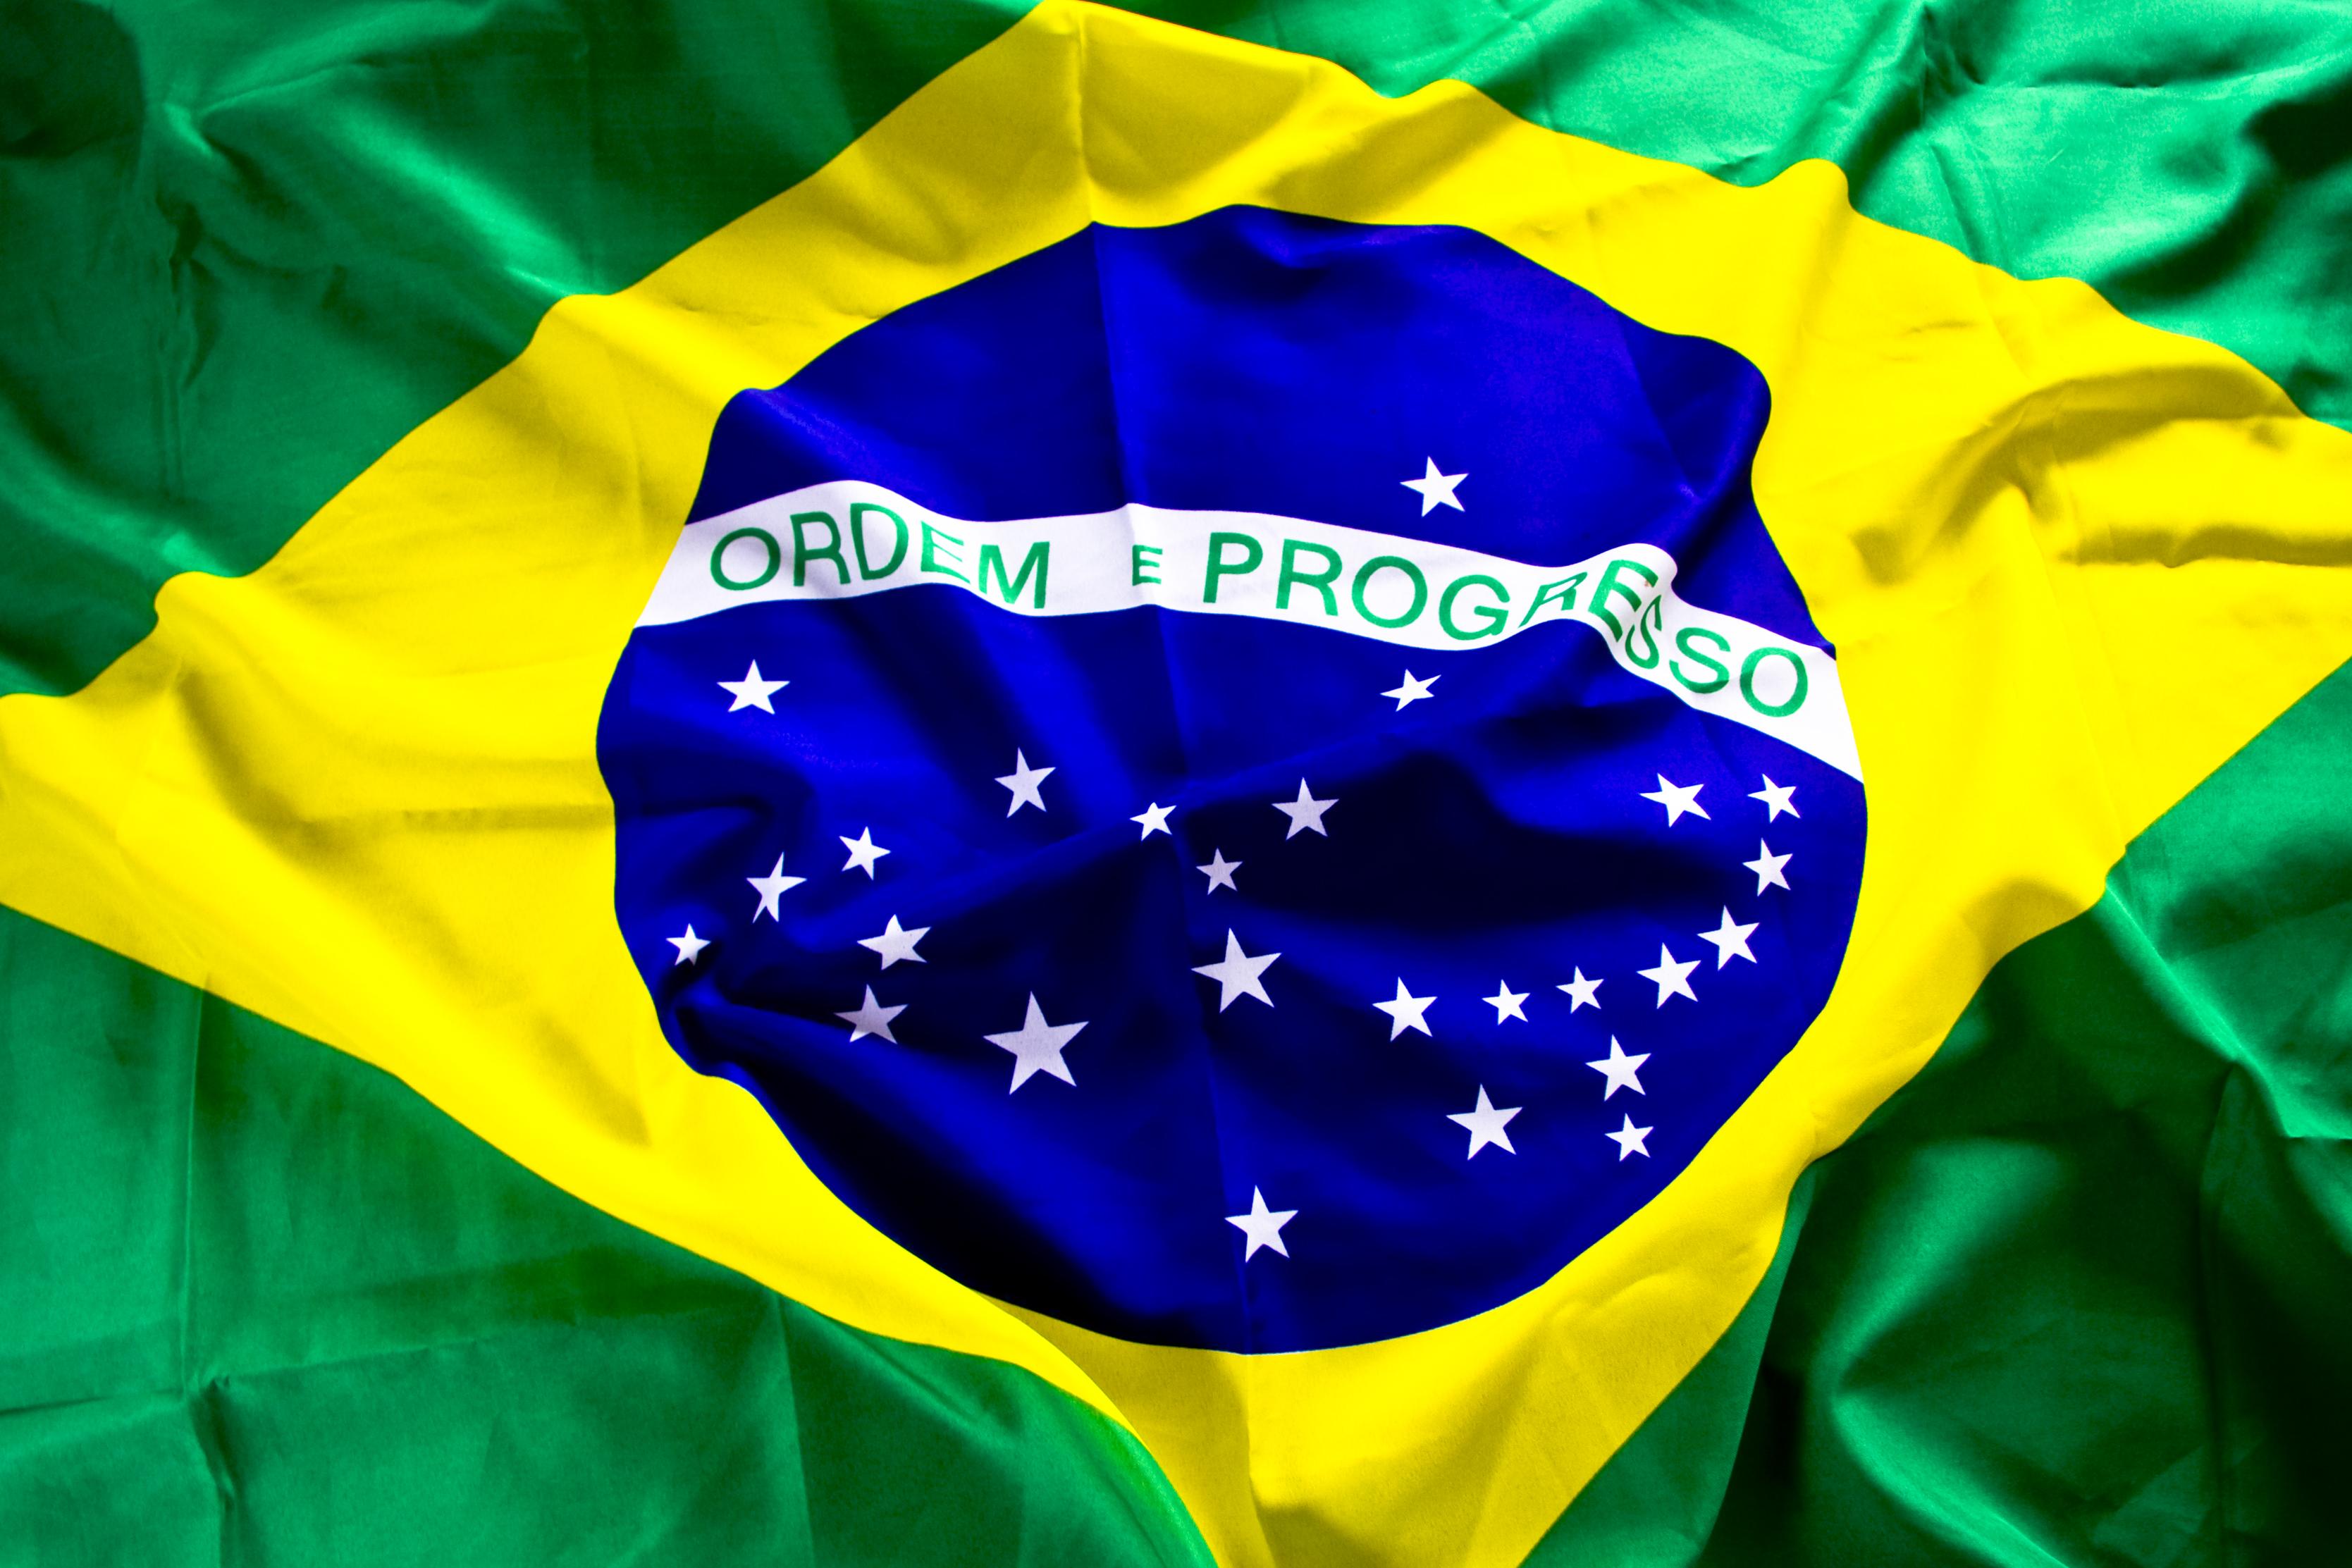 Le mete più pericolose al mondo: il Brasile